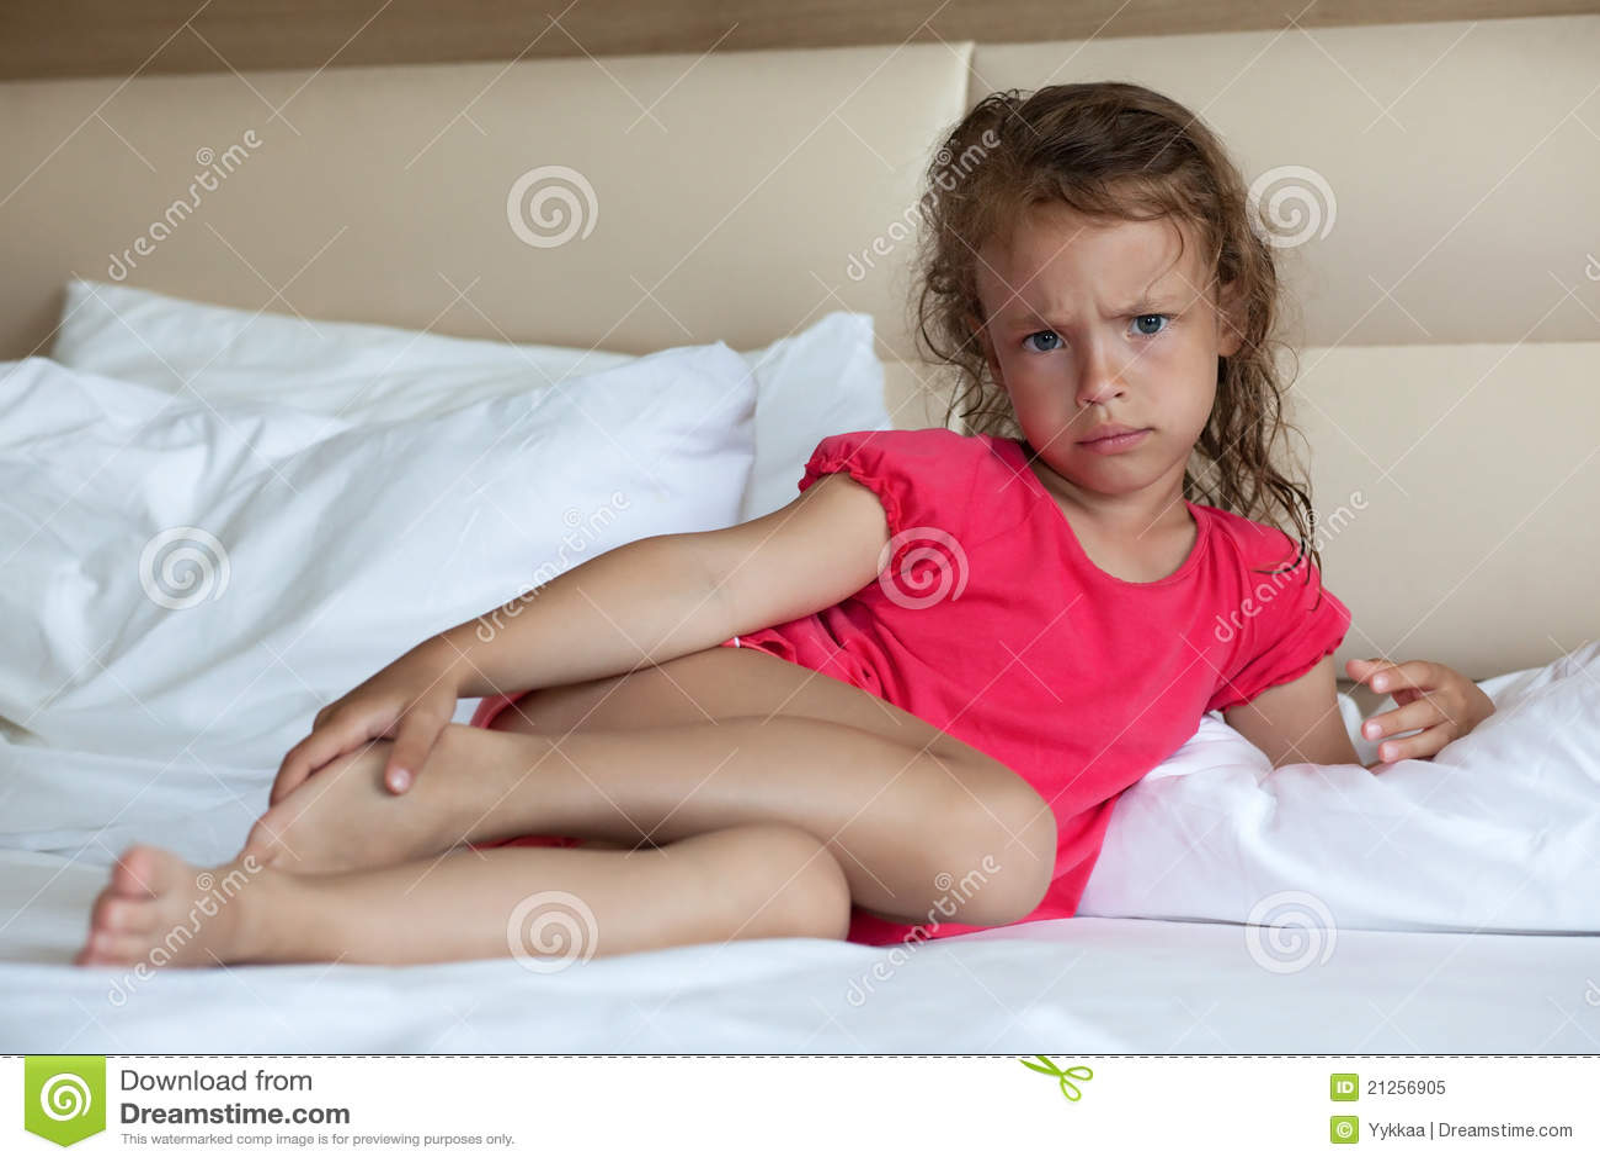 Трахаеца маленькая девочка 4 фотография